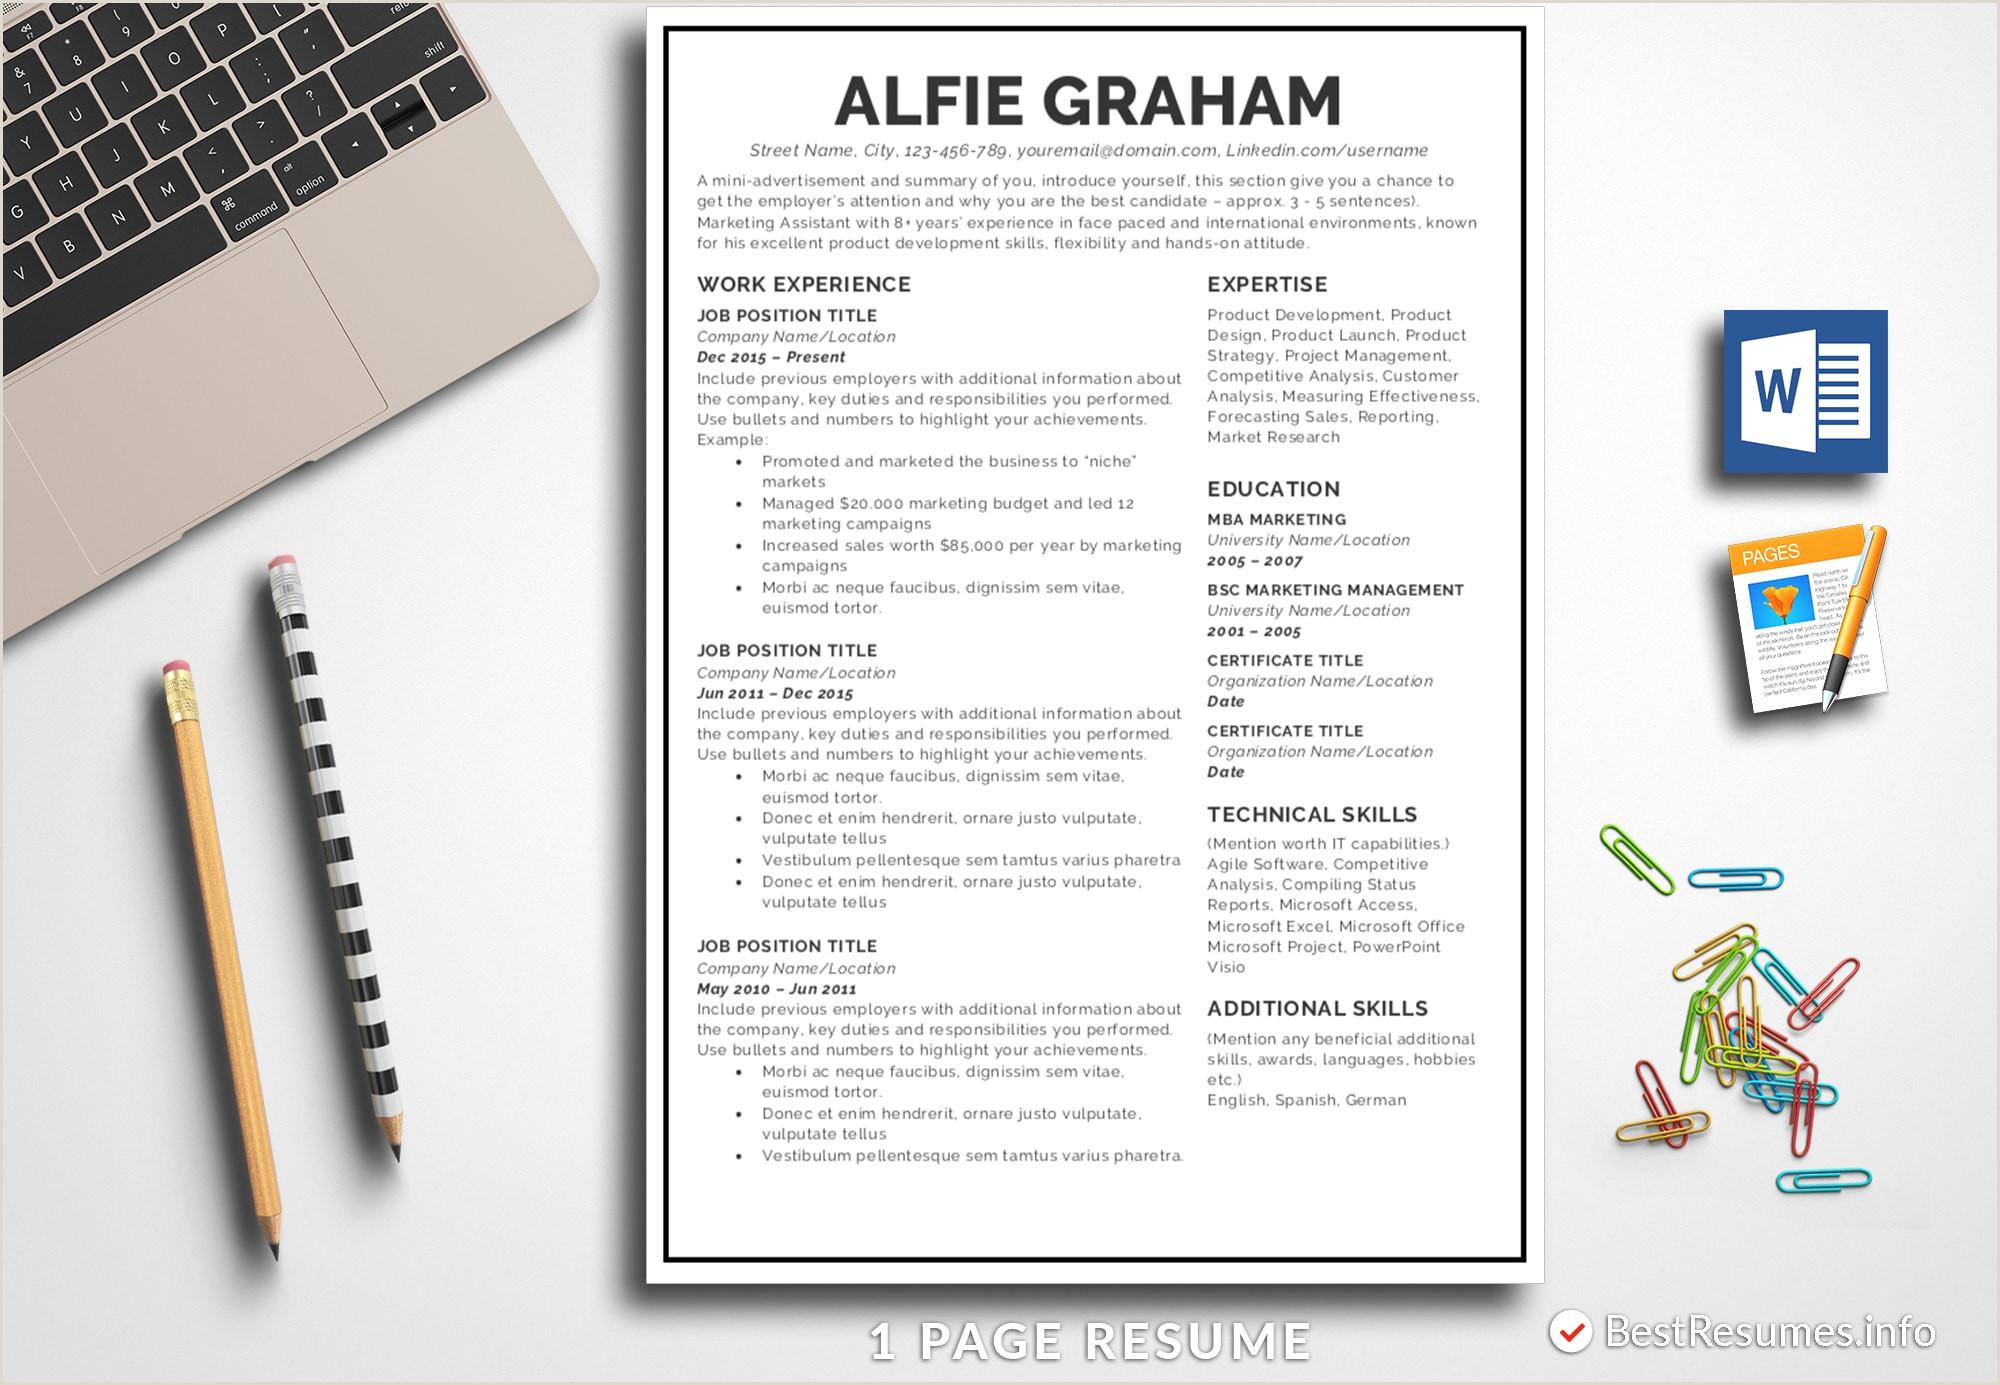 Simple Resume Template Alfie Graham BestResumes